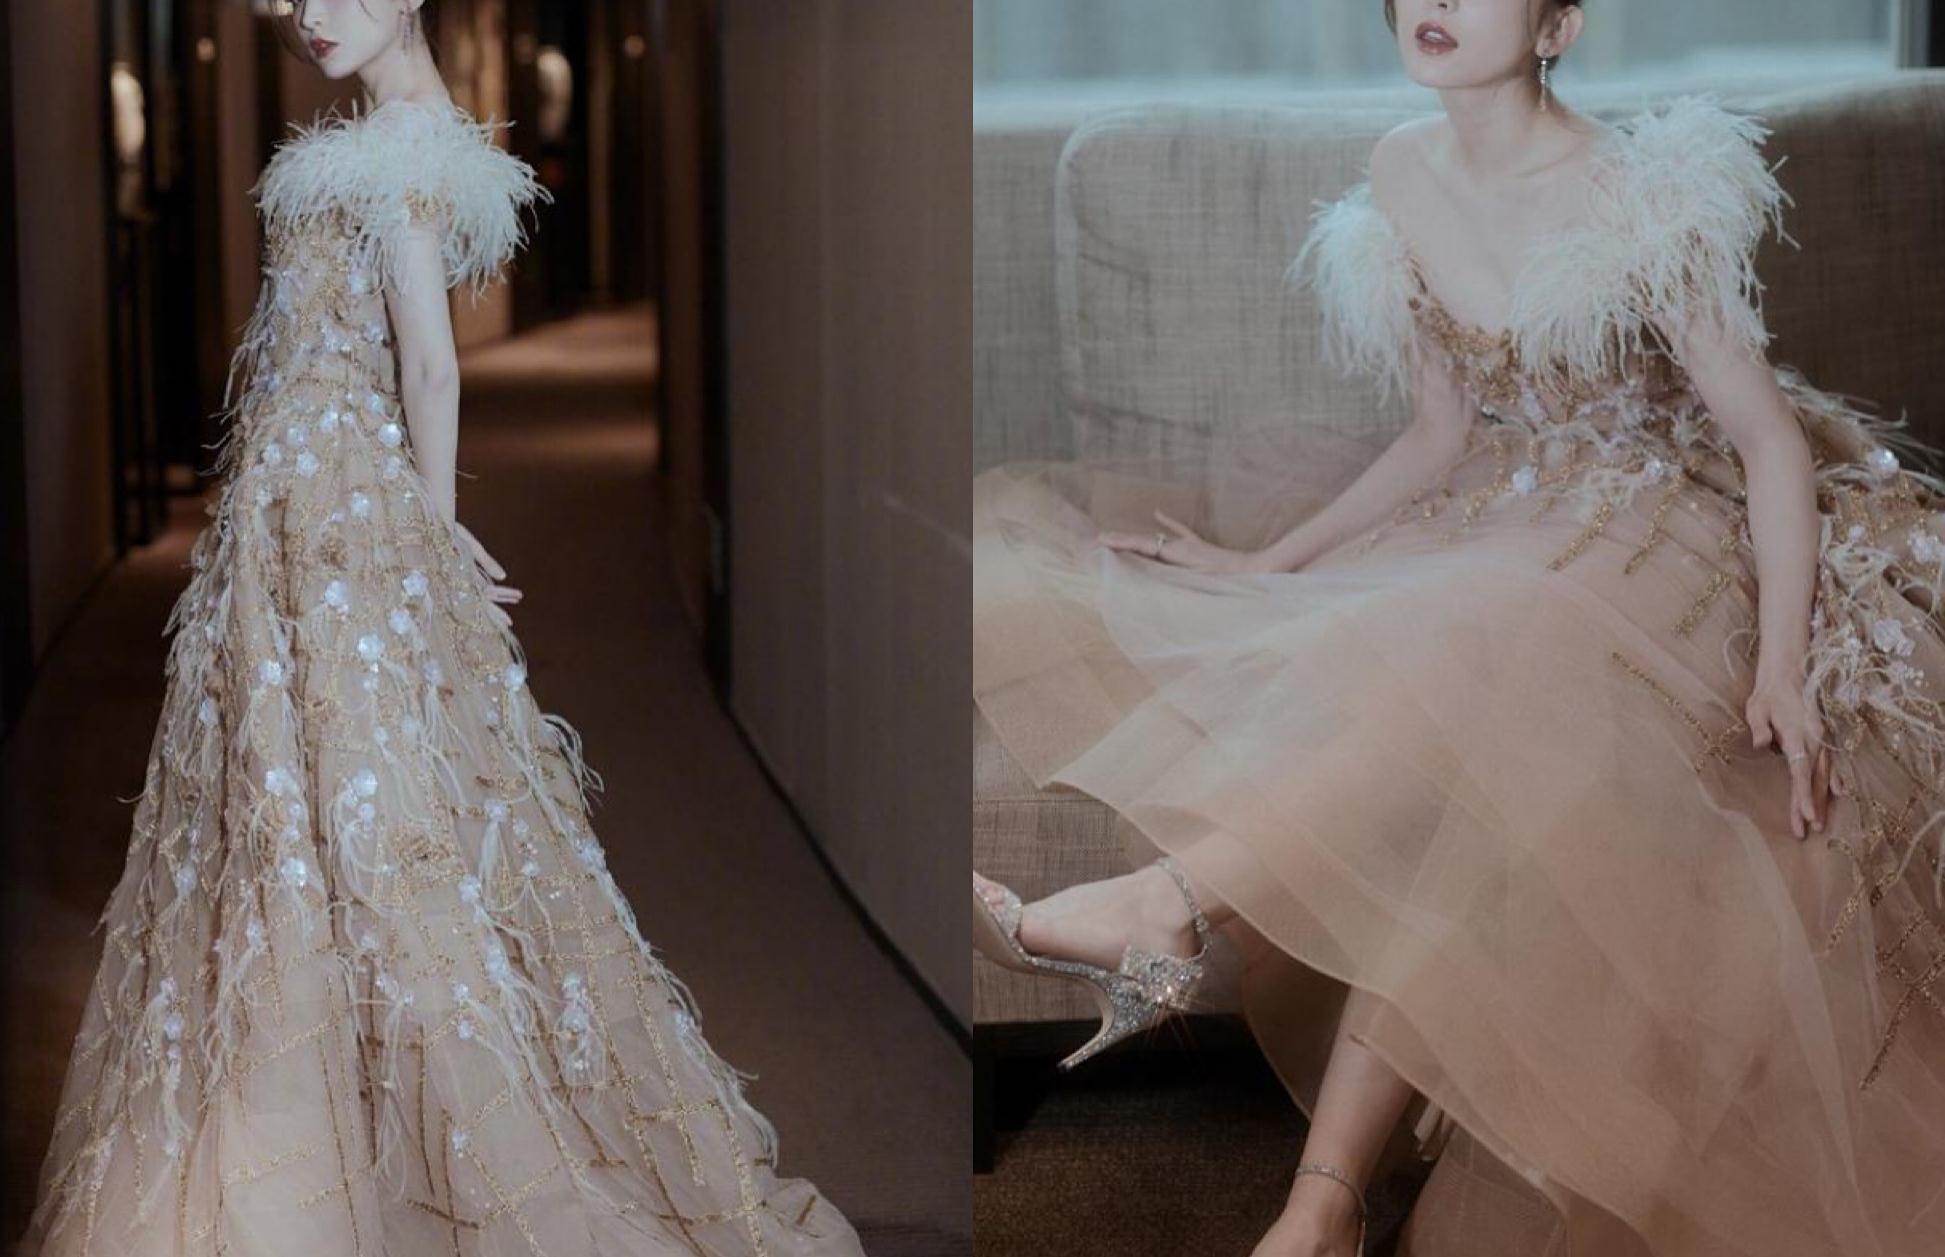 古力娜扎金色羽毛裙,真是惊艳全场,生图也挡不住美貌